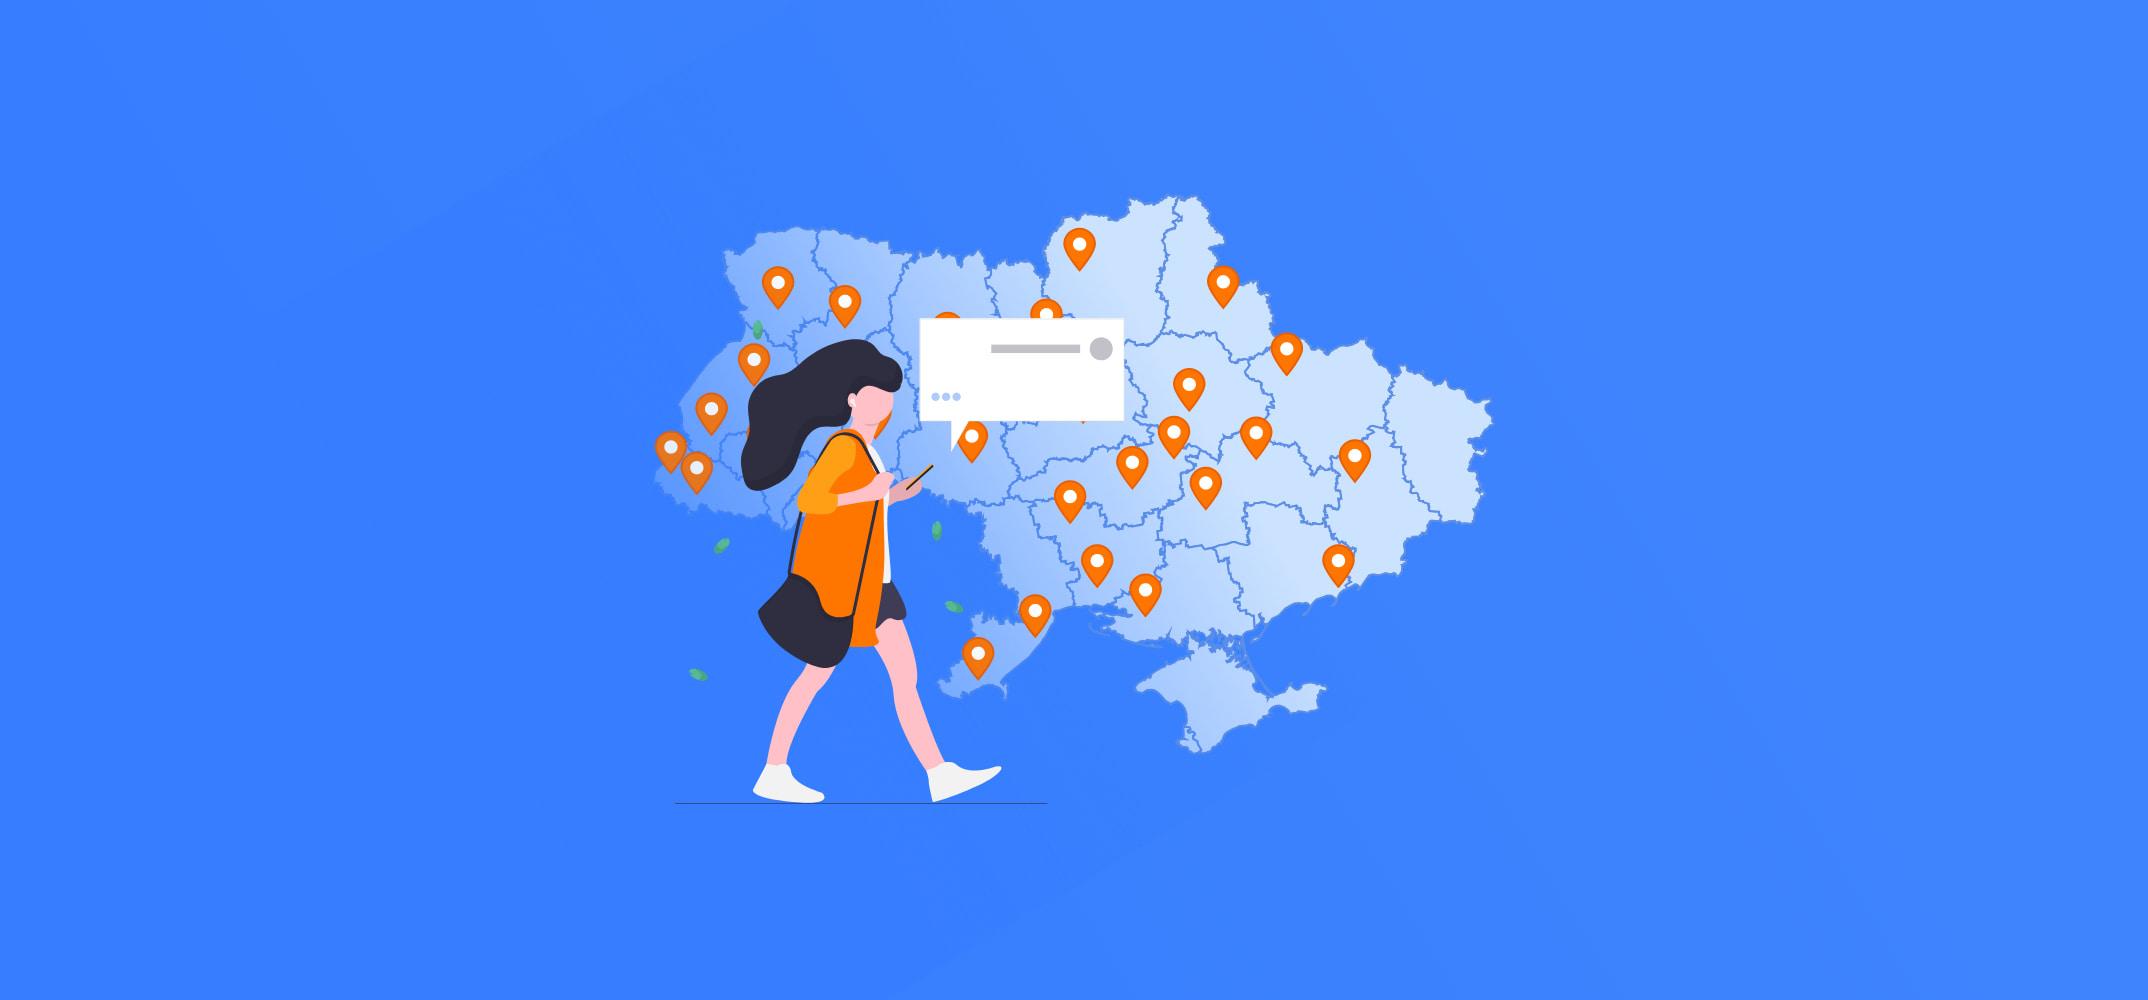 Карта с ВУЗами в которых есть Wi-Fi реклама